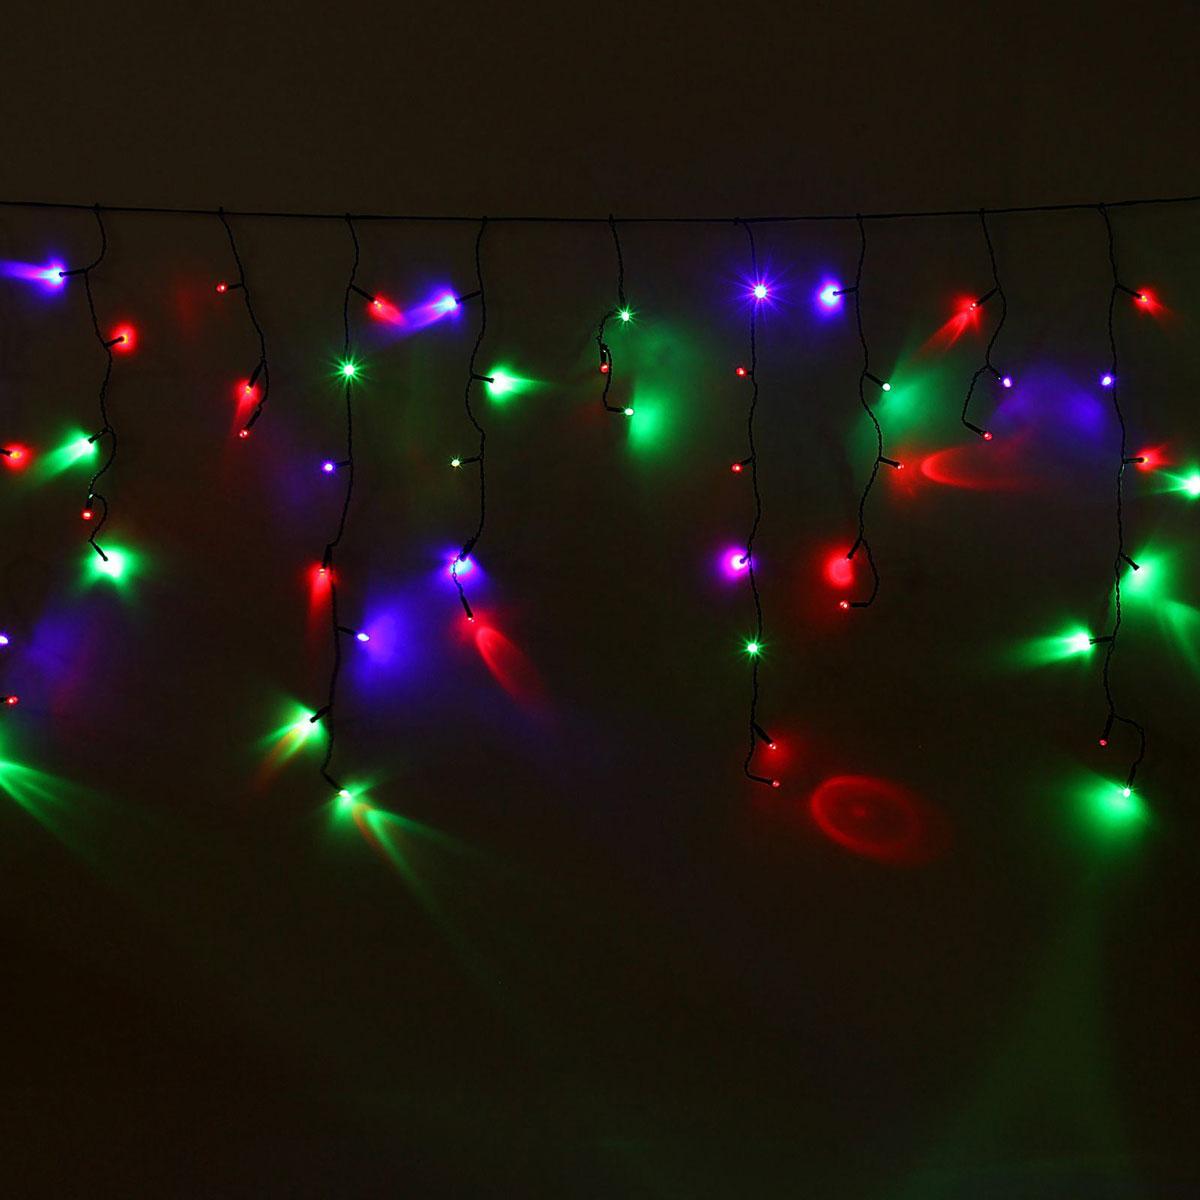 Гирлянда светодиодная Luazon Бахрома, моргает, 60 ламп, 220 V, цвет: мультиколор, 1,2 х 0,6 м. 10804101080410Светодиодные гирлянды, ленты и т.д — это отличный вариант для новогоднего оформления интерьера или фасада. С их помощью помещение любого размера можно превратить в праздничный зал, а внешние элементы зданий, украшенные ими, мгновенно станут напоминать очертания сказочного дворца. Такие украшения создают ауру предвкушения чуда. Деревья, фасады, витрины, окна и арки будто специально созданы, чтобы вы украсили их светящимися нитями.